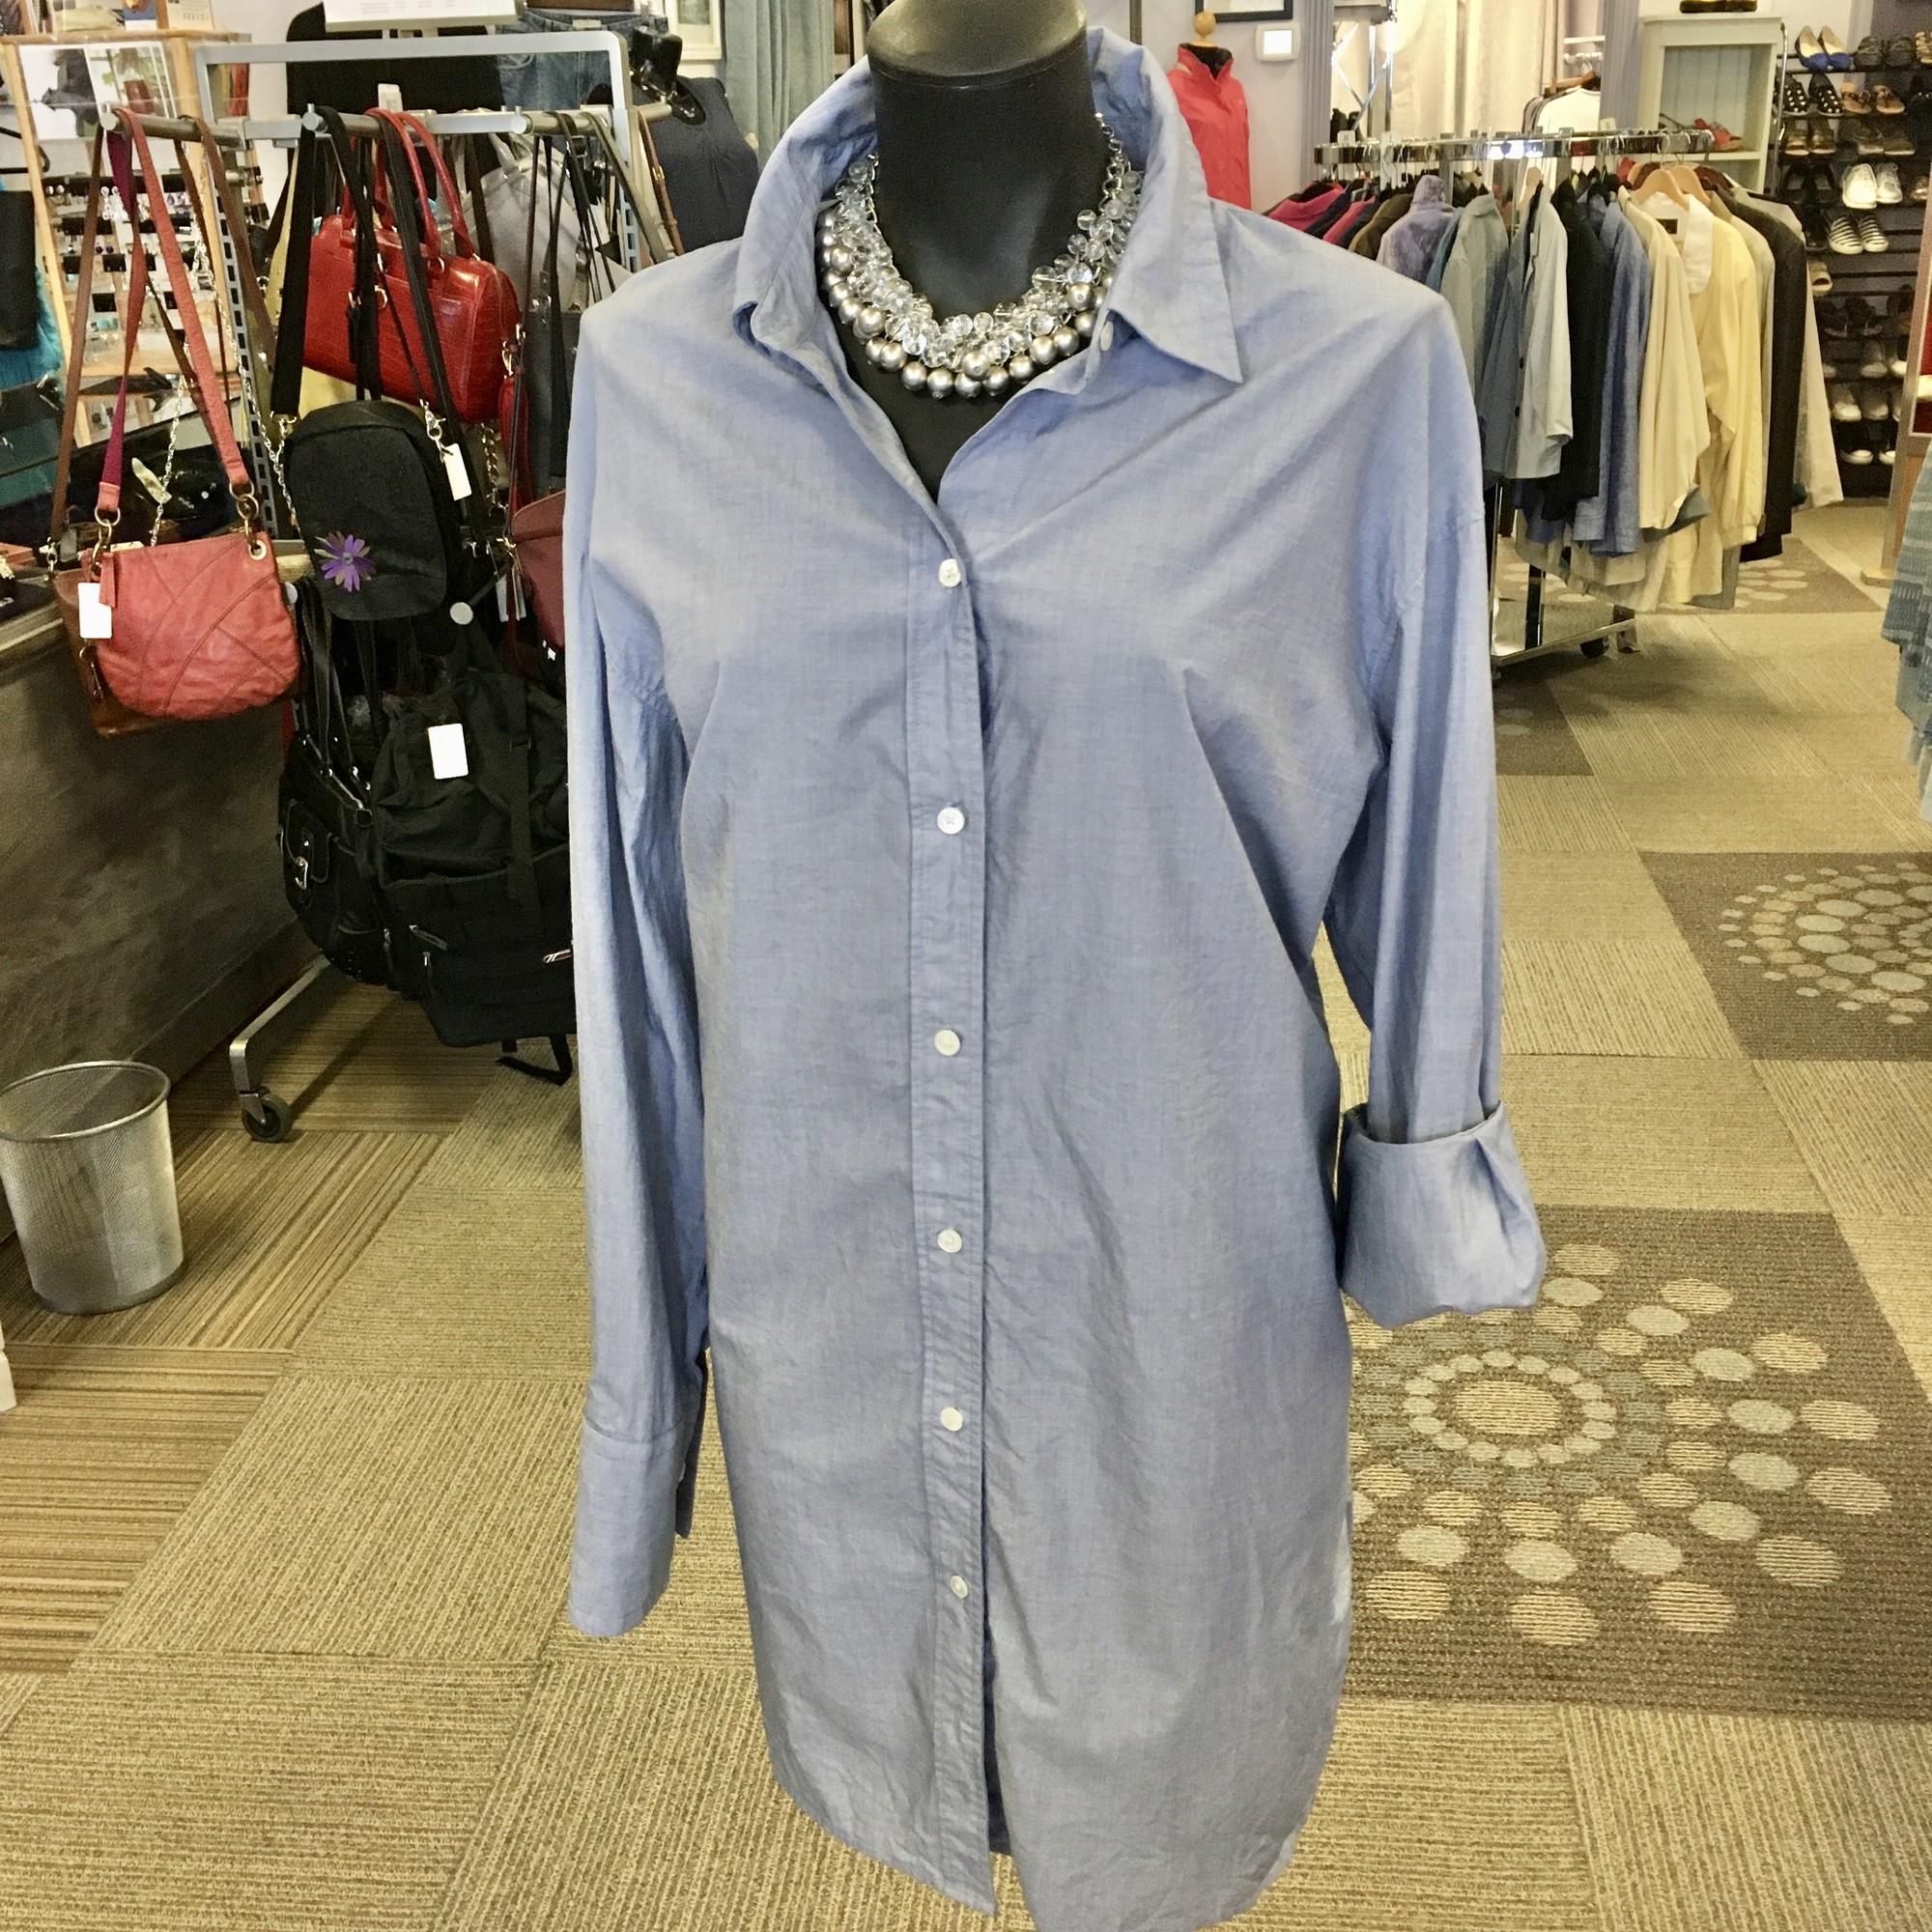 Babaton Long Blouse,<br /> Colour: Light Blue,<br /> Size: XXLarge,<br /> Material: 100% cotton